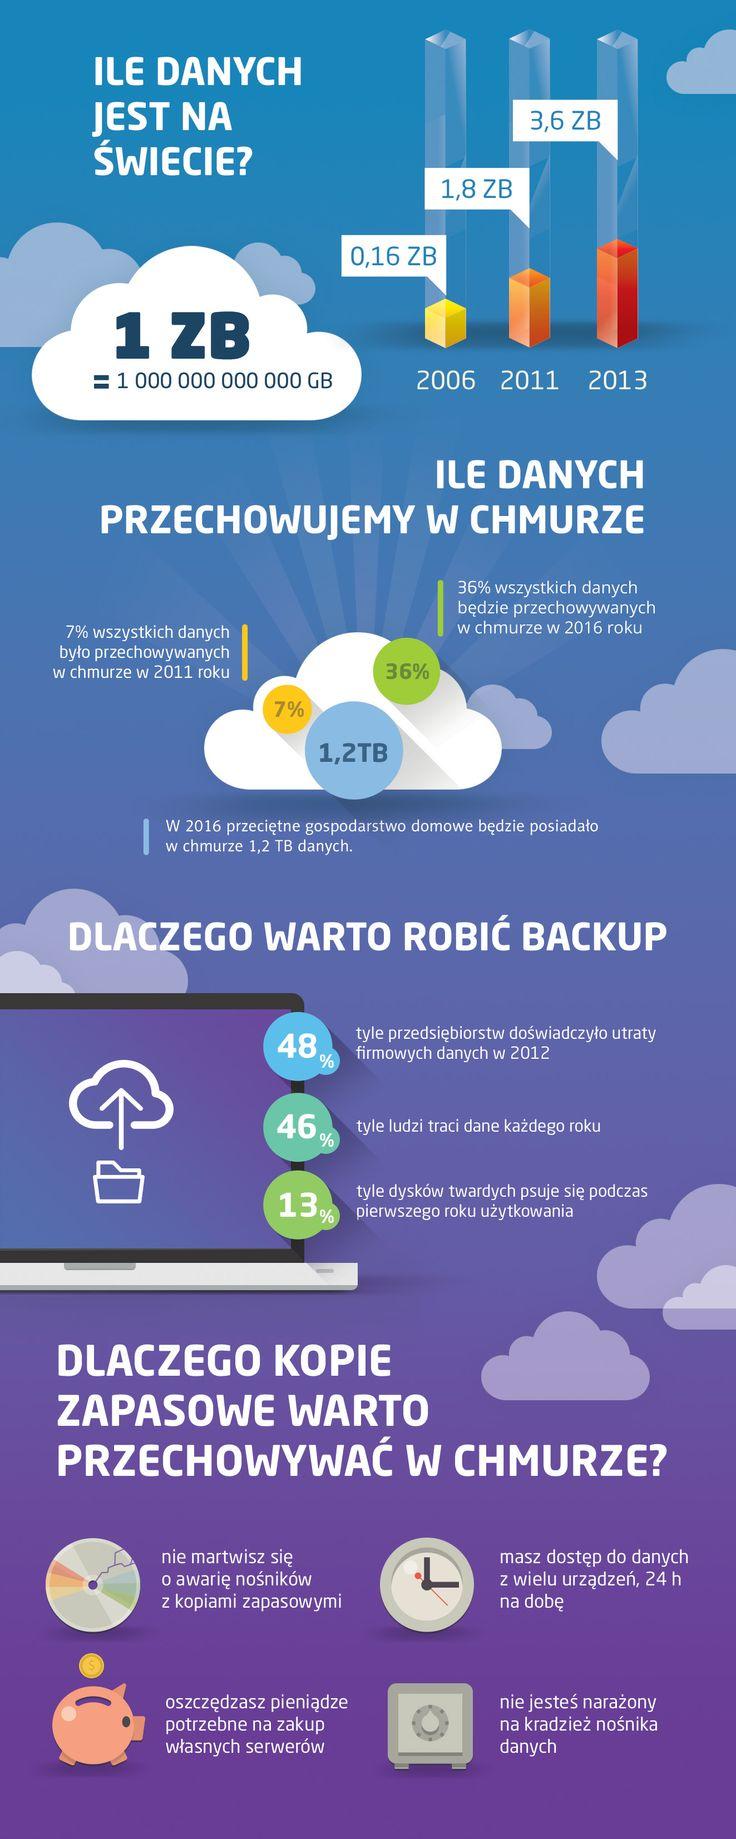 Ile jest danych na świecie? Ile danych przechowujemy w chmurze? Dlaczego warto robić backup? Dlaczego kopie zapasowe warto przechowywać w chmurze?